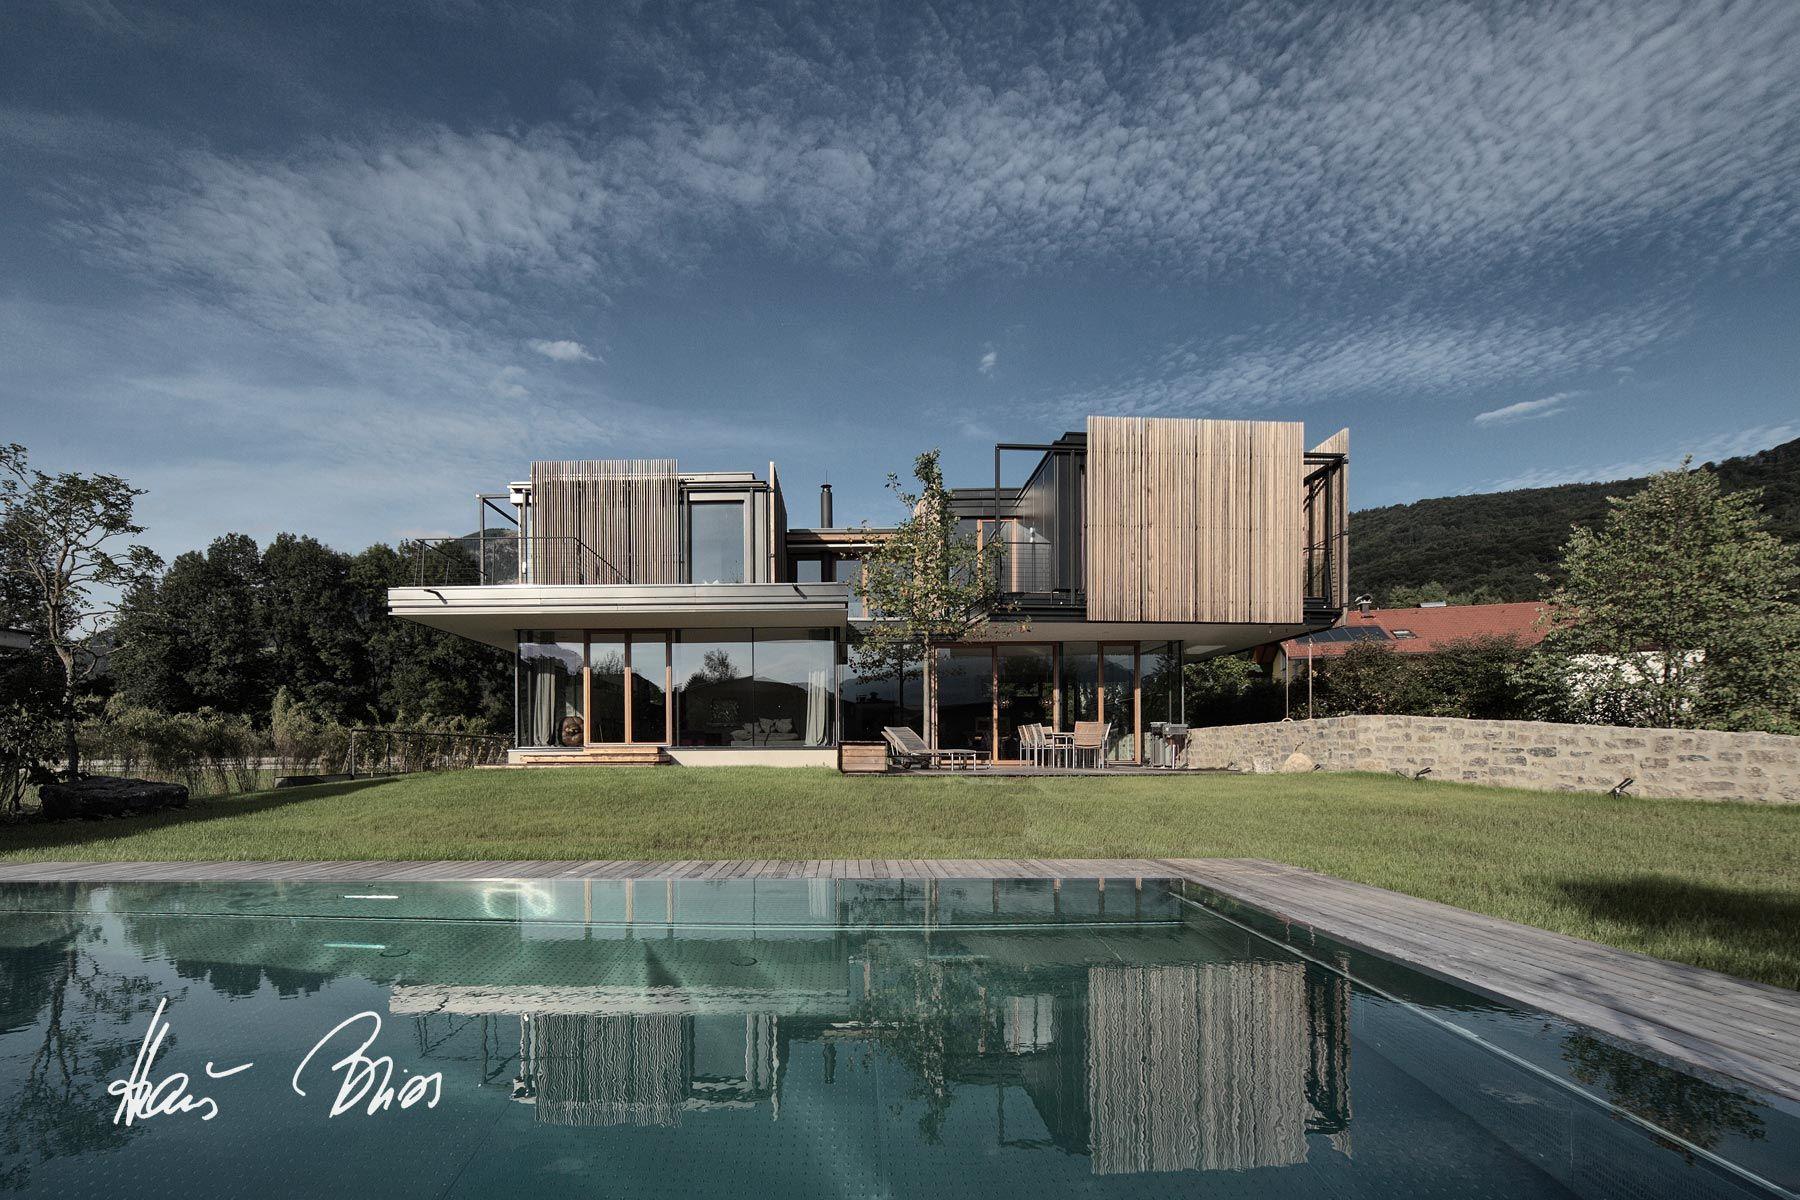 Haus Bliss   Gogl Architekten   Architektur   Pinterest   Zuhause ...